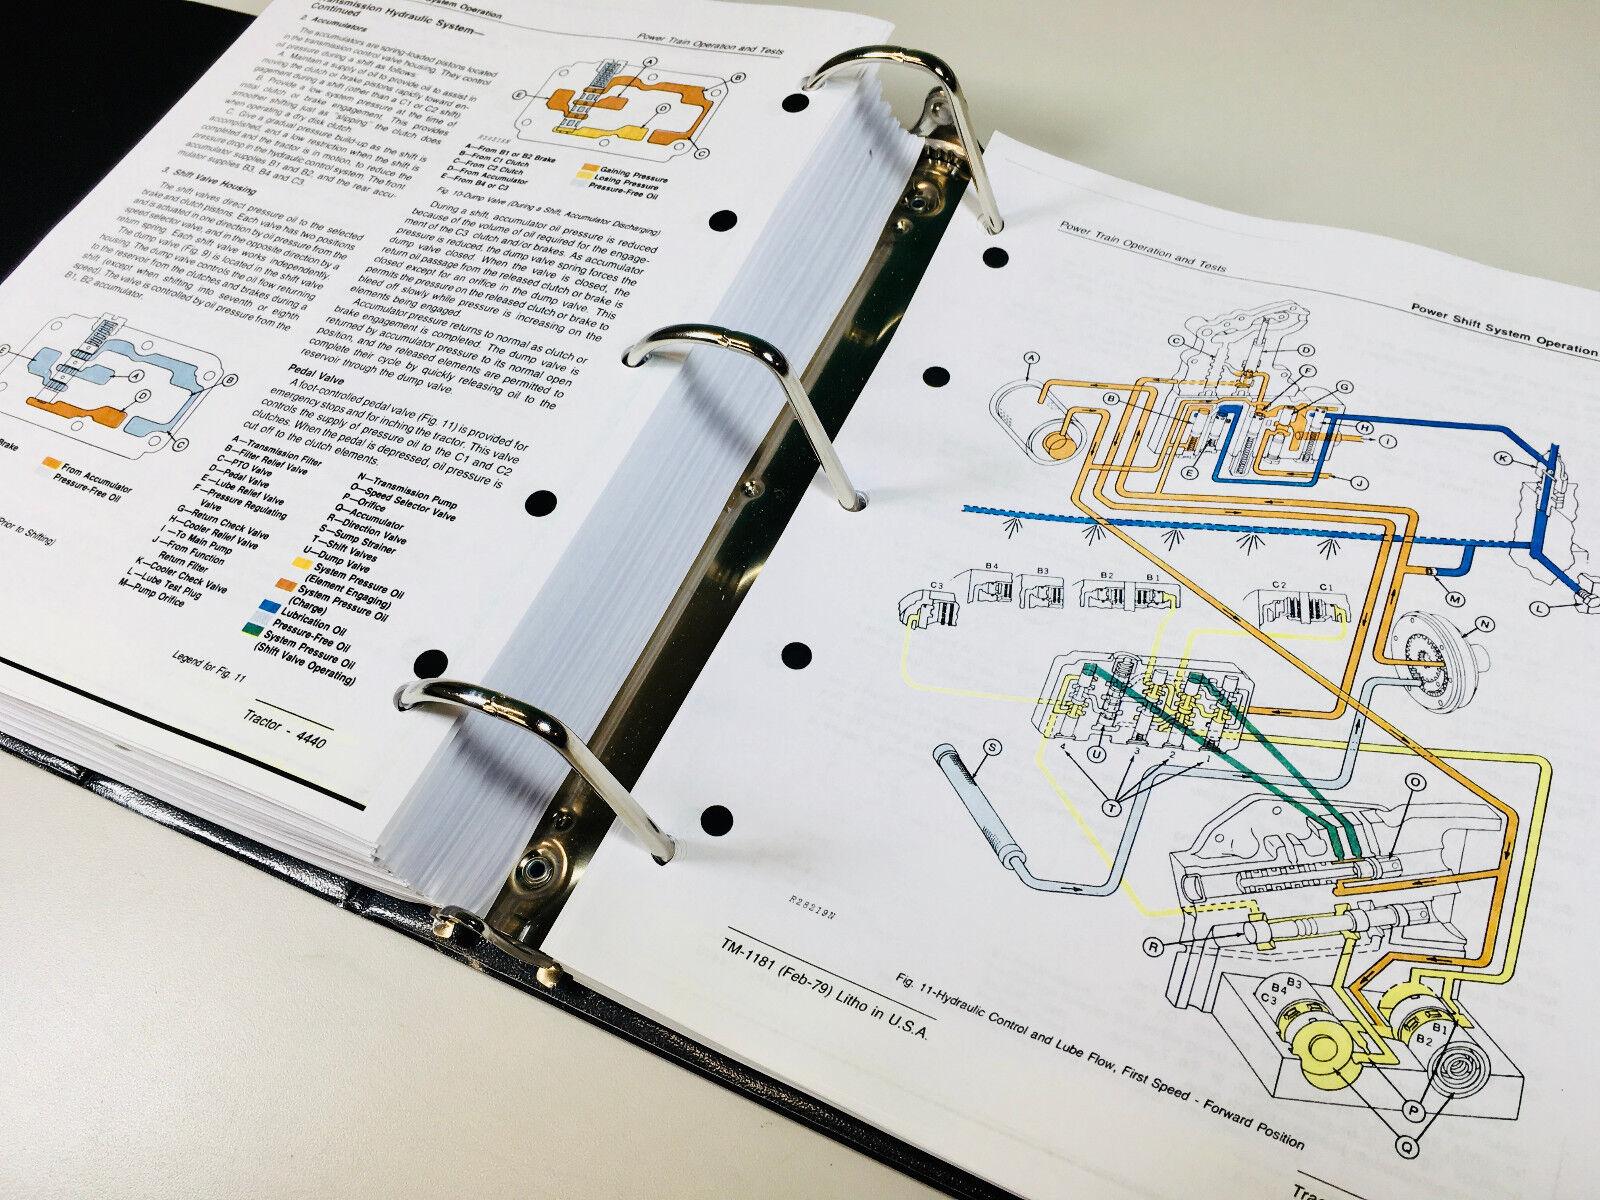 John Deere Wiring Diagram Free Picture on john deere 4440 electrical, john deere 4440 transmission, john deere 4440 cylinder head, john deere 345 wiring-diagram, john deere 455 wiring-diagram, john deere 155c wiring-diagram, john deere 325 wiring-diagram, john deere 4100 wiring-diagram, john deere 4020 wiring schematic, john deere 4440 information, john deere 322 wiring-diagram, john deere 4430 wiring-diagram, john deere 4440 accessories, john deere ignition switch diagram, john deere 320 wiring-diagram, john deere lawn tractor electrical diagram, john deere 4440 hydraulic system diagram, john deere 425 wiring-diagram, john deere 3020 electrical diagram, john deere m wiring-diagram,